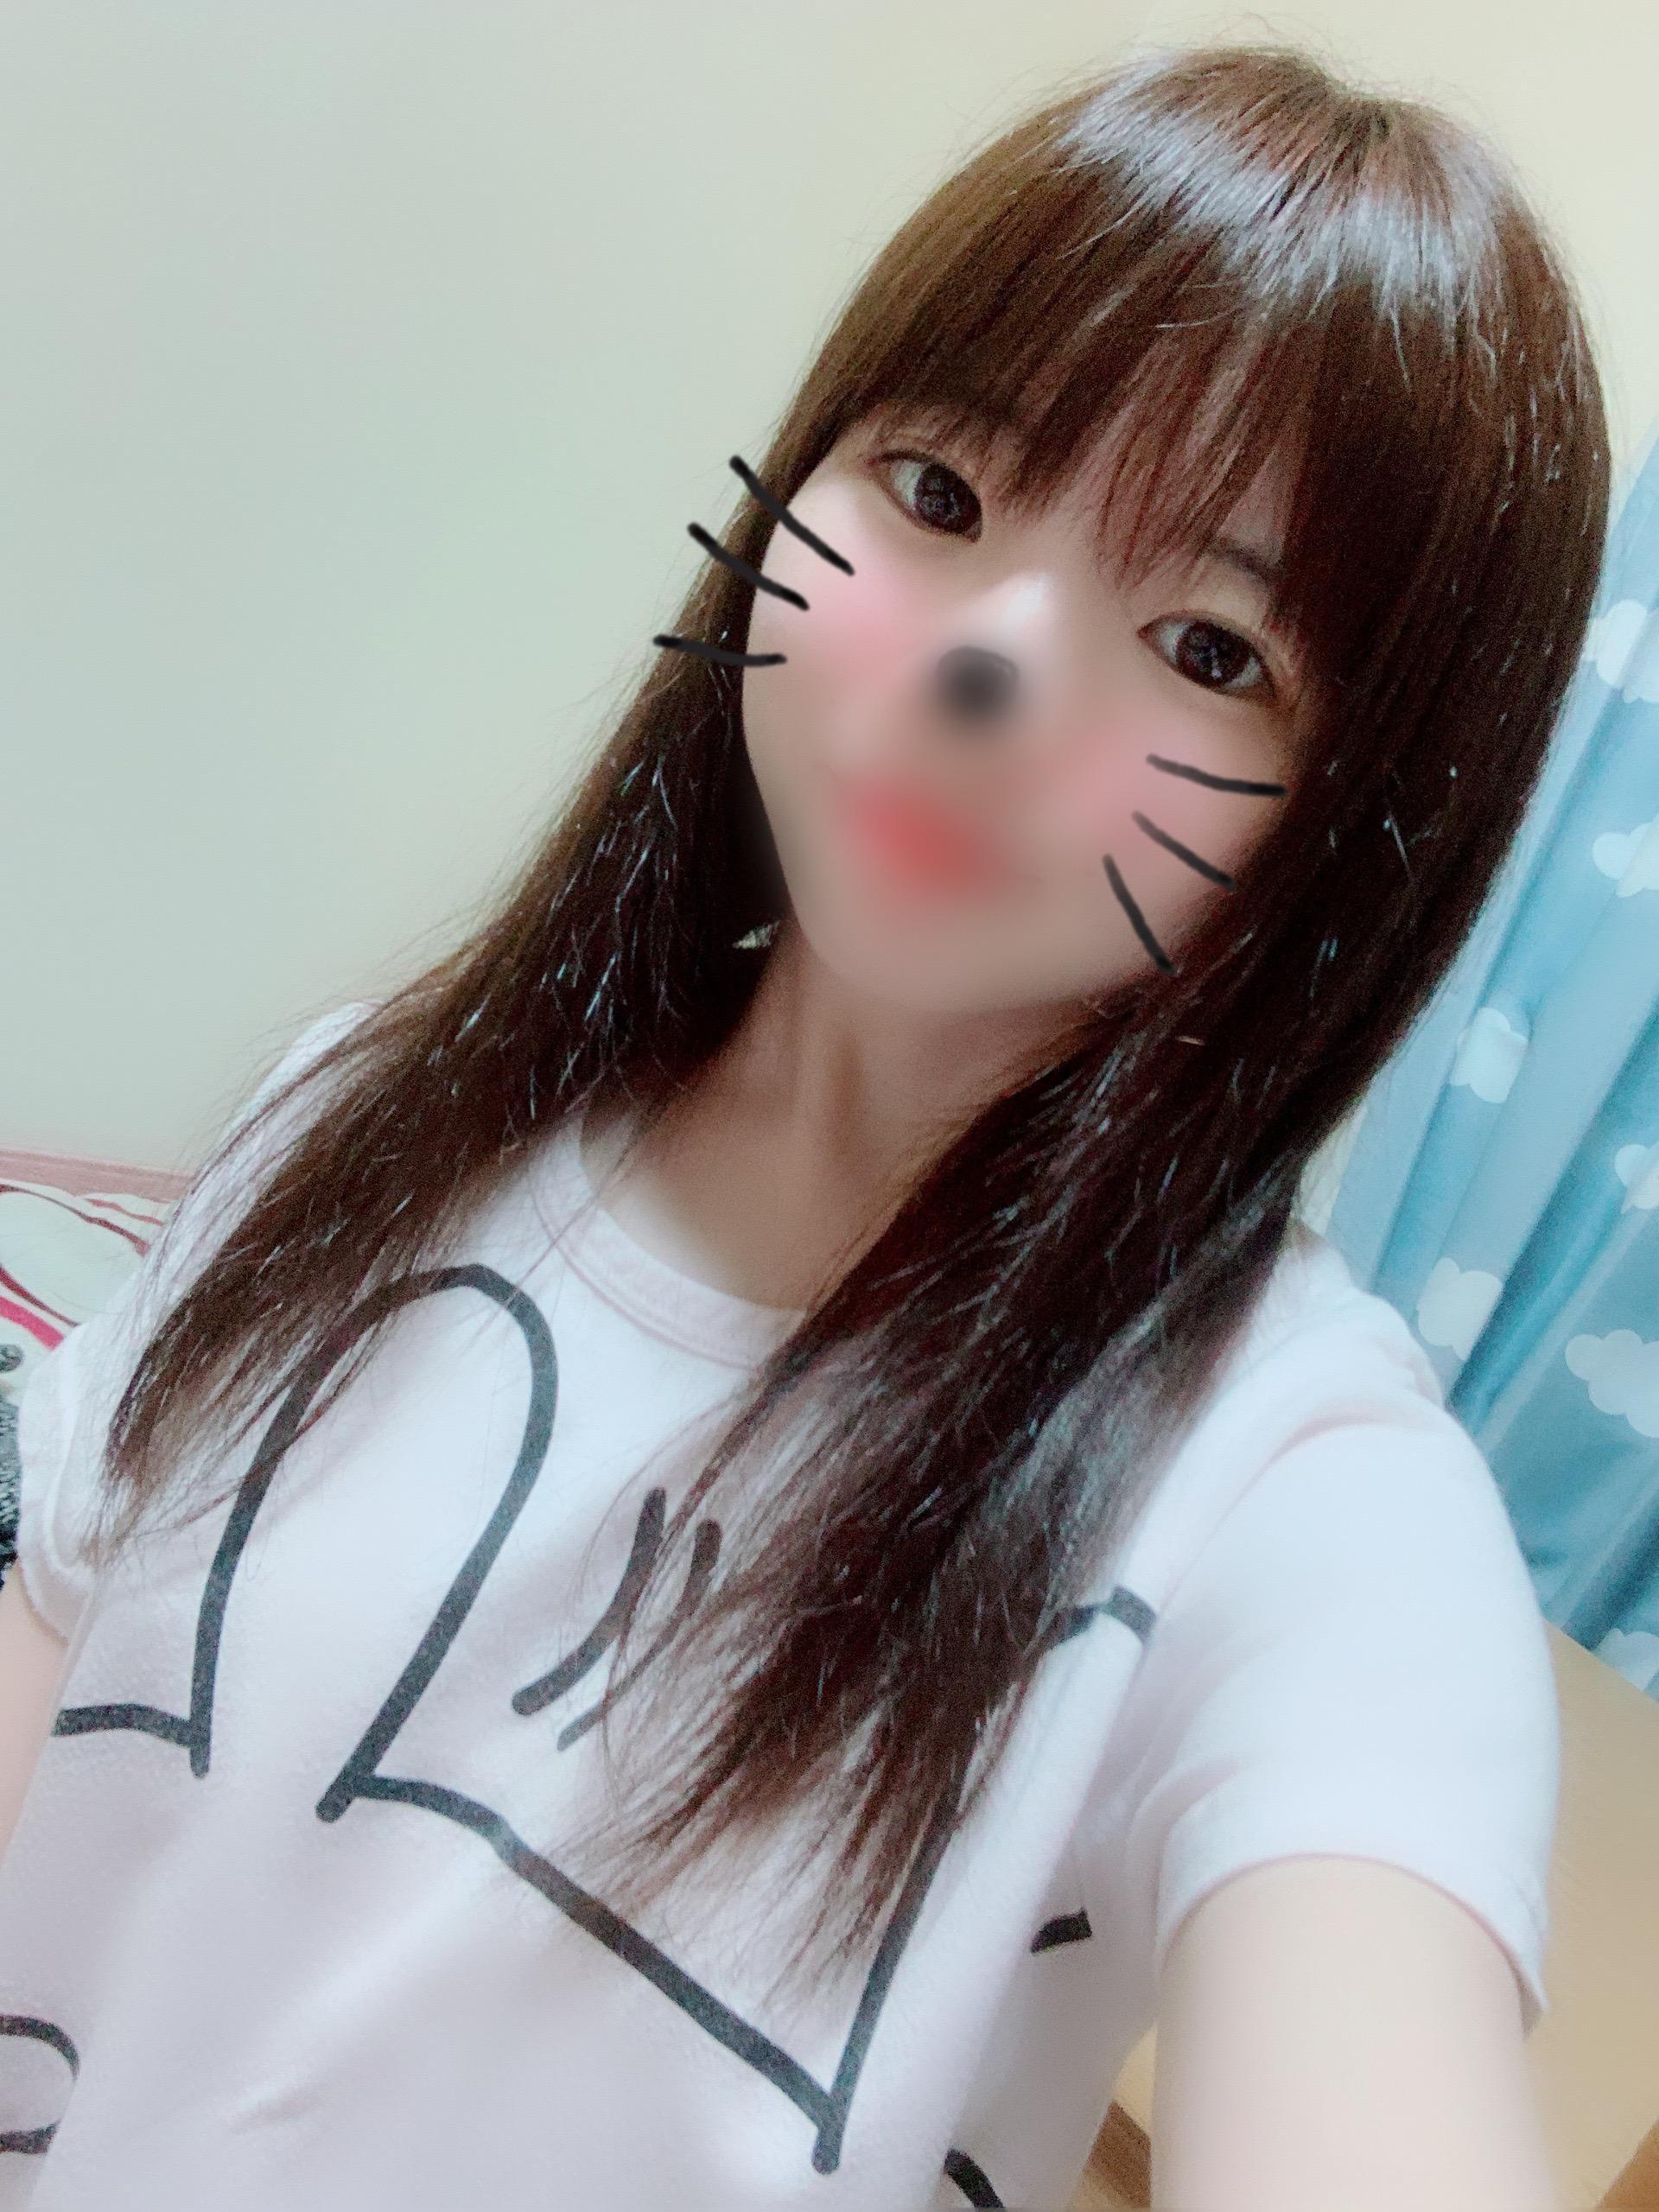 「ありがとう♡」06/24日(月) 12:37 | すずちゃんの写メ・風俗動画